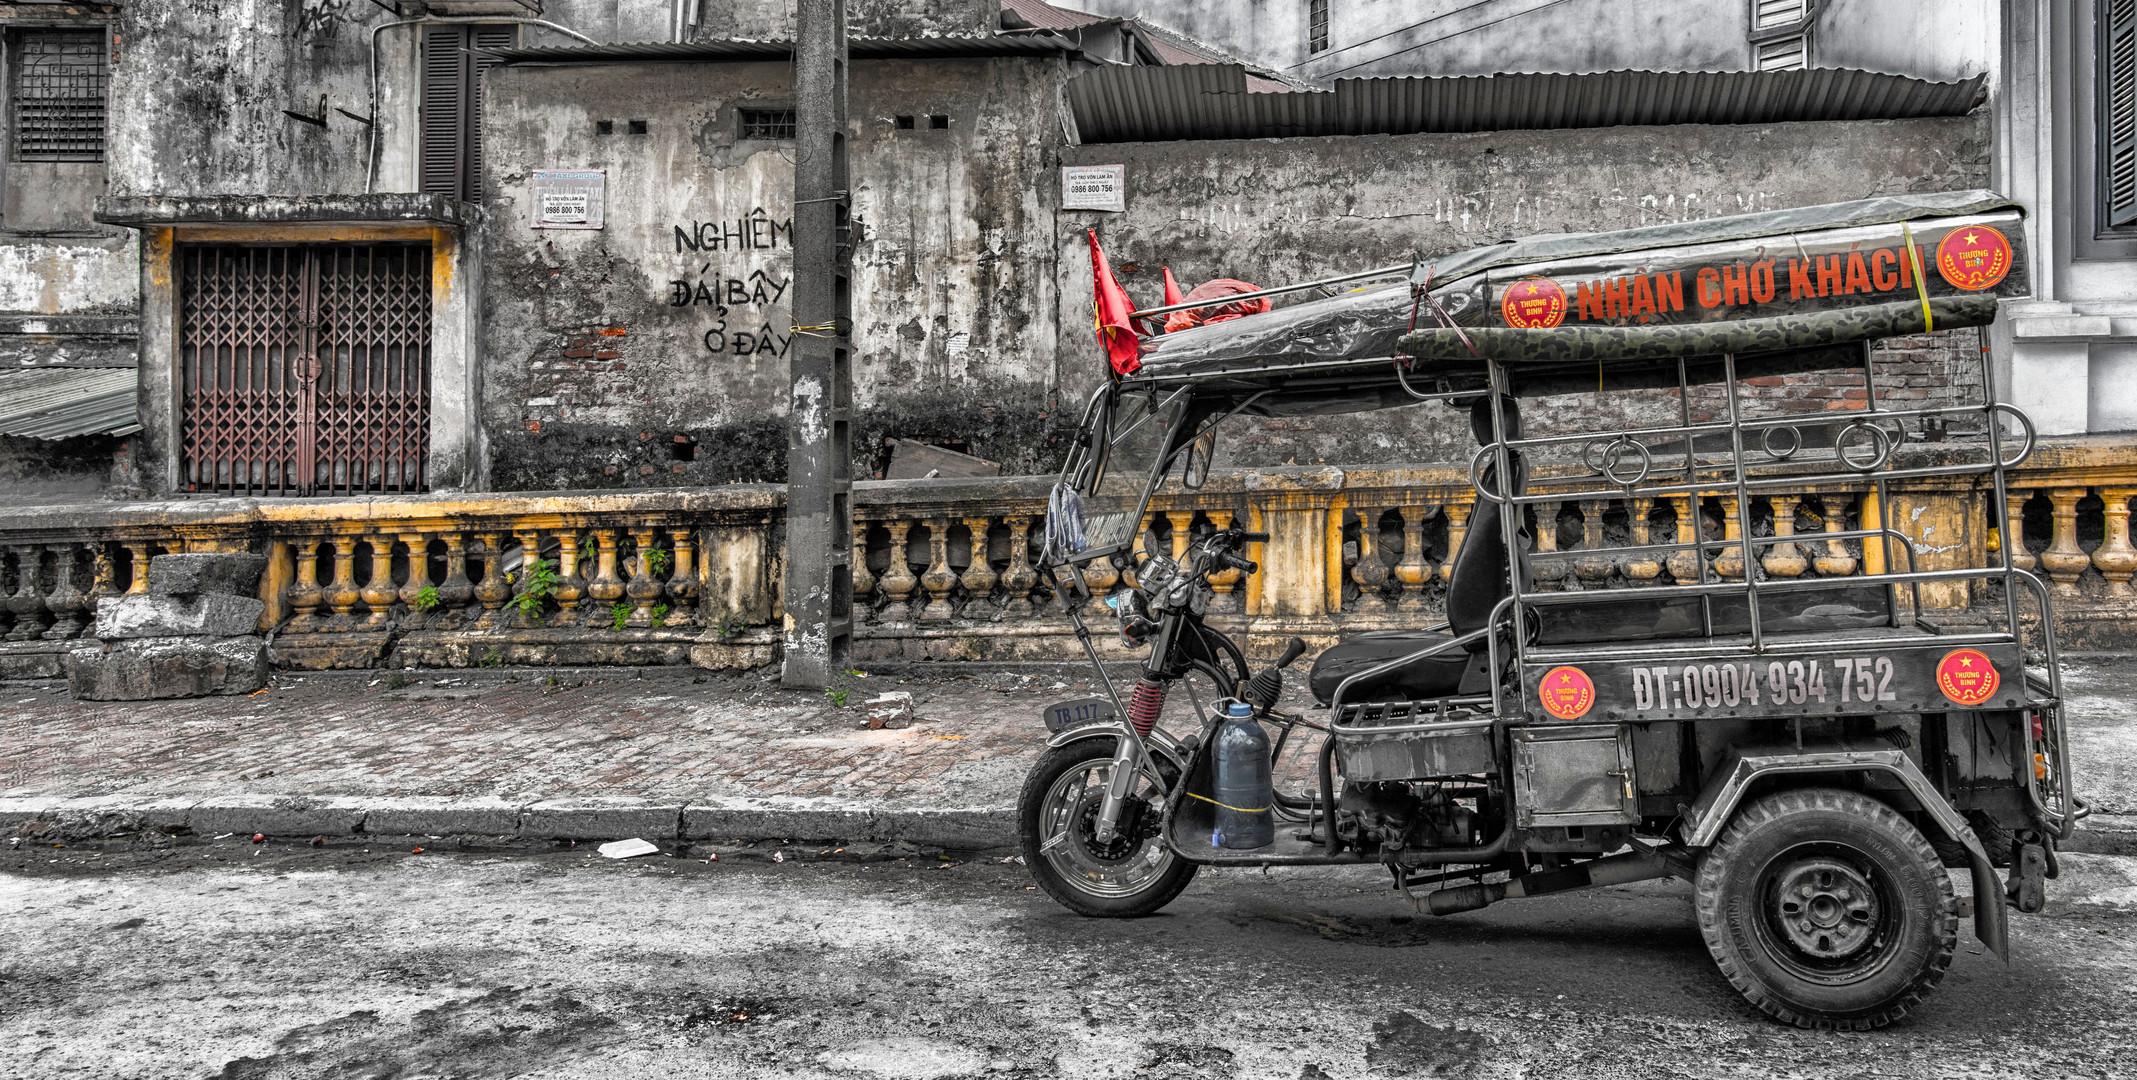 Stassenszene in Hanoi